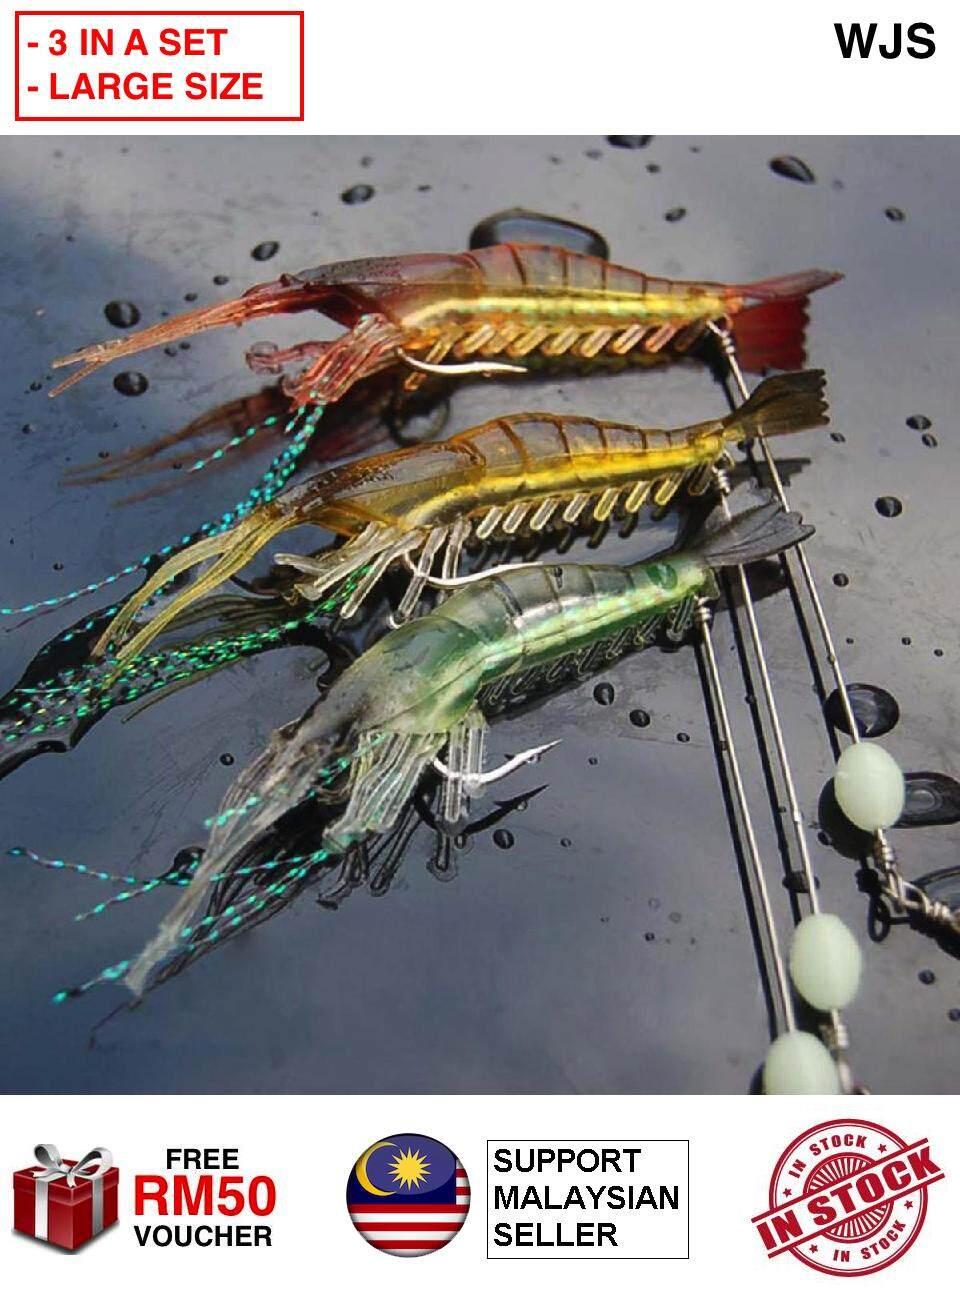 (LARGER SIZE) WJS Unique Design 3pcs 3 pcs 8cm Fish Bait Shrimp Prawn Udang Artificial Lifelike Lure Fishing Crankbait Lure Fish Lure Fishing Baits Umpan Ikan Gewang Ikan MULTICOLOR [FREE RM 50 VOUCHER]